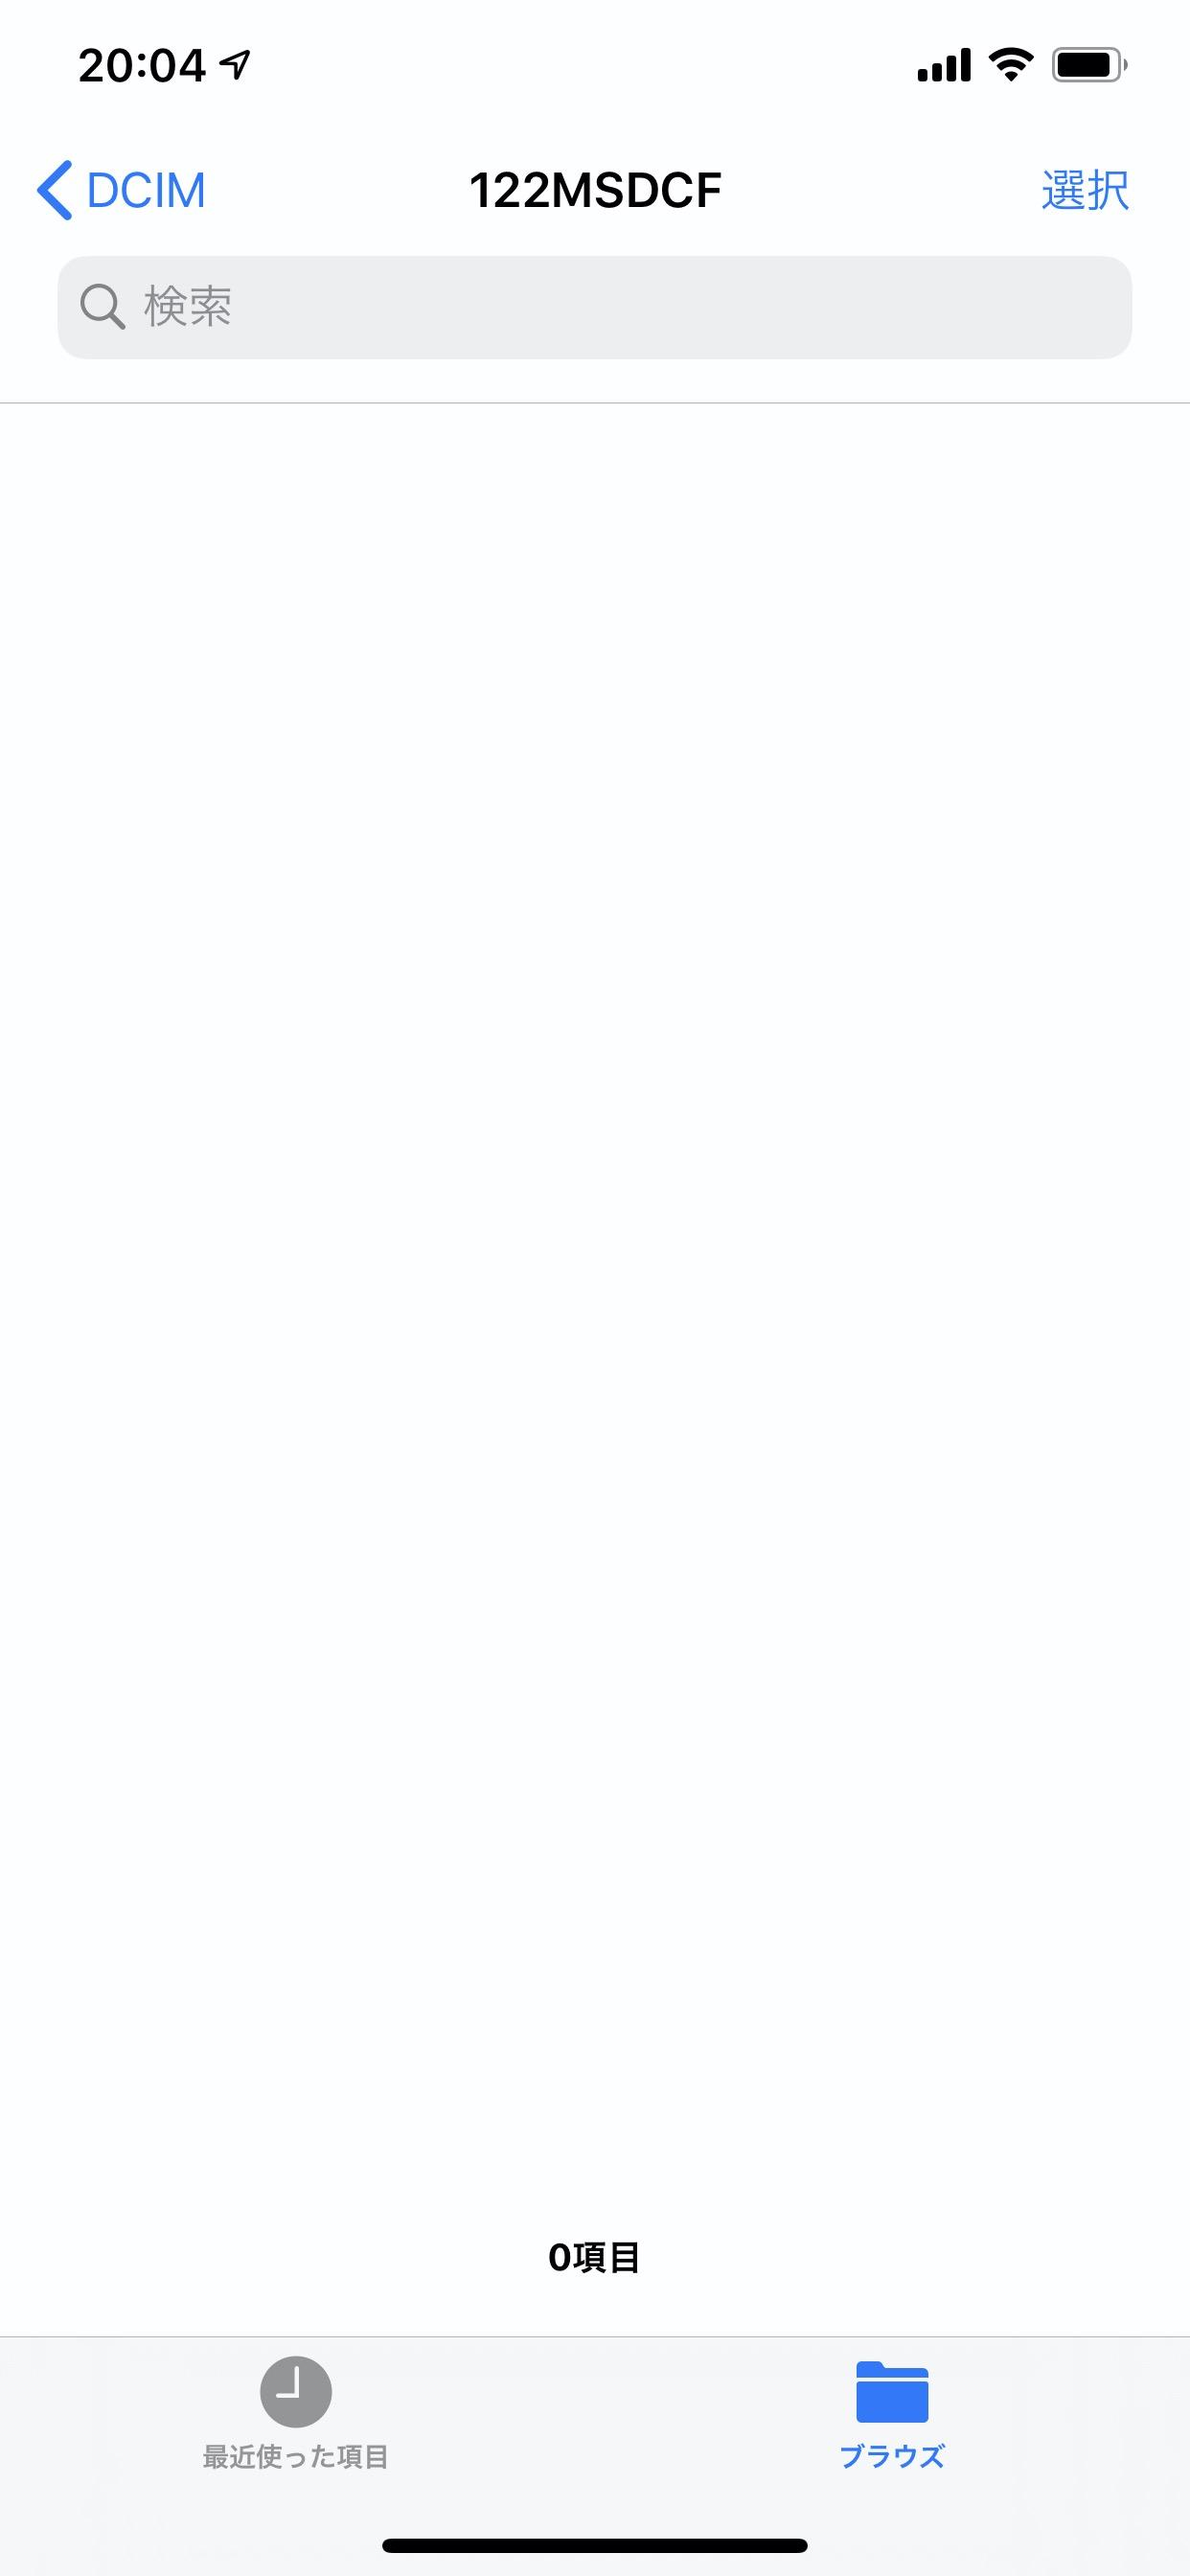 【iOS 13】「ファイル」アプリでSDカードリーダーの写真を表示できた